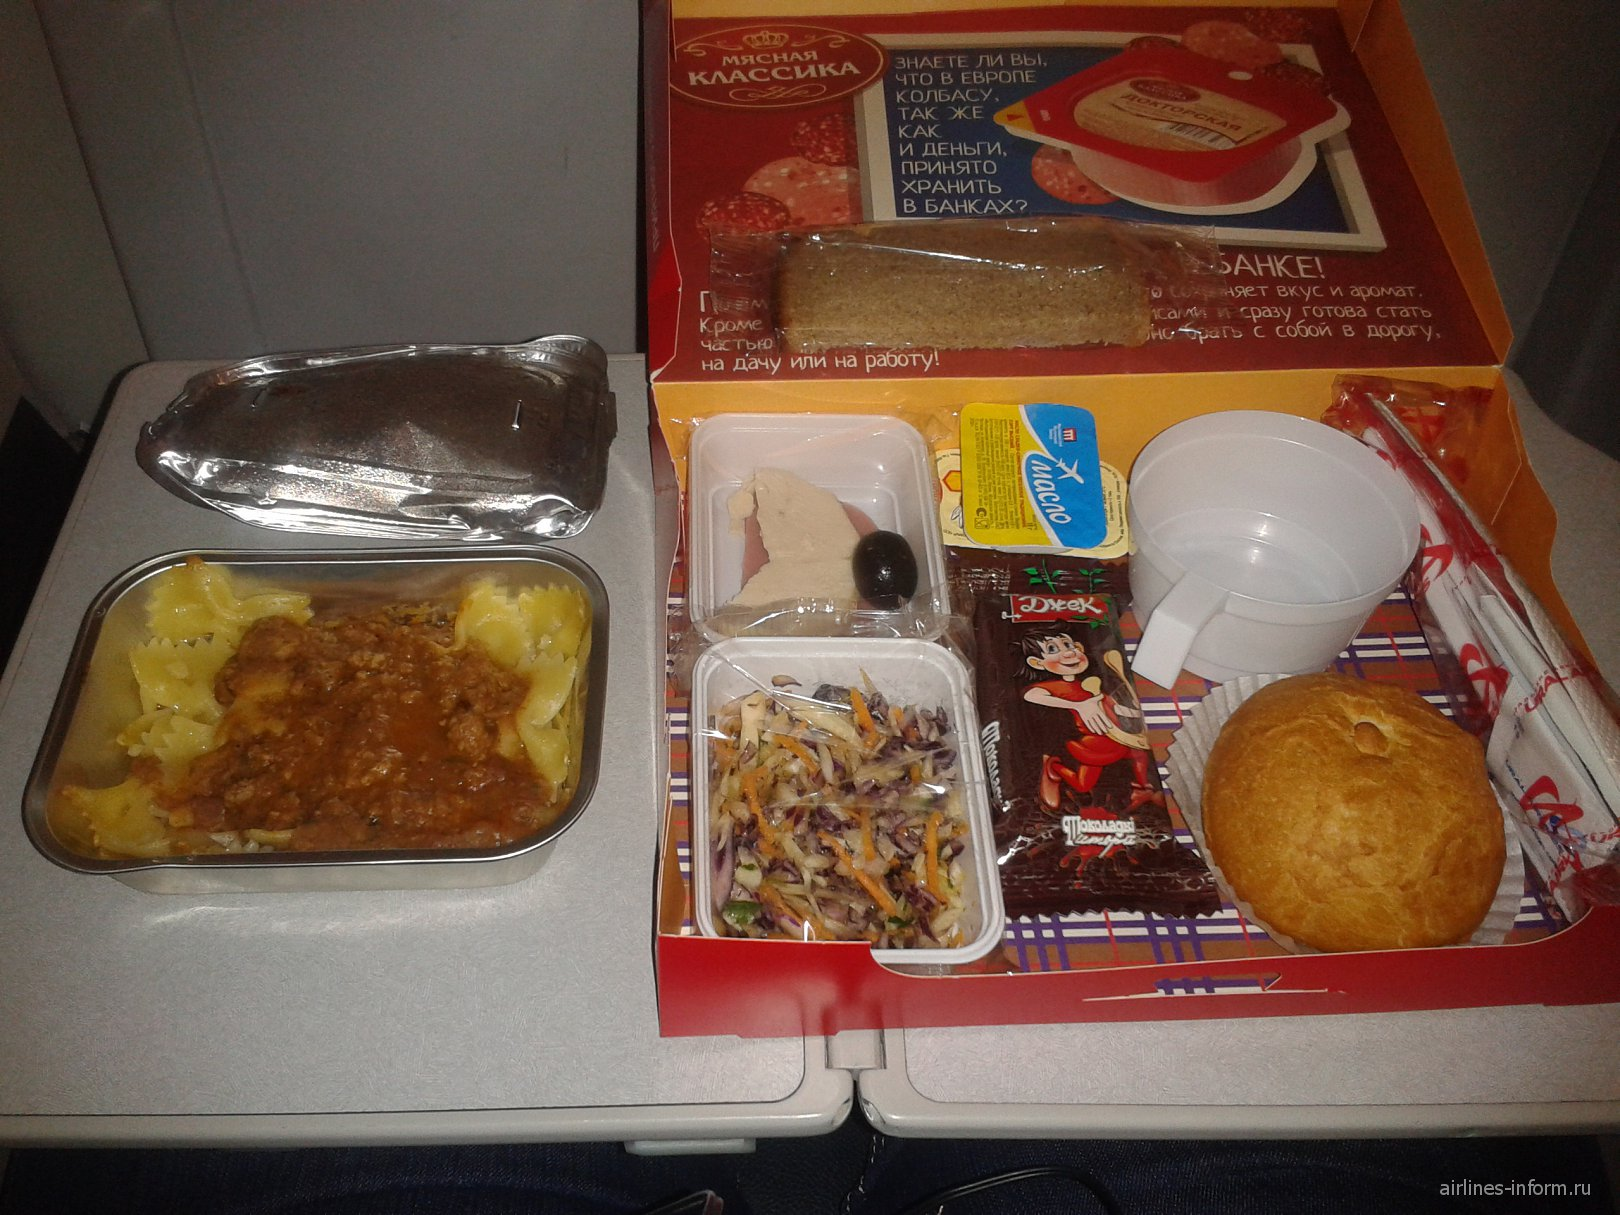 Бортовое питание на рейсе Москва-Бишкек Уральских авиалиний